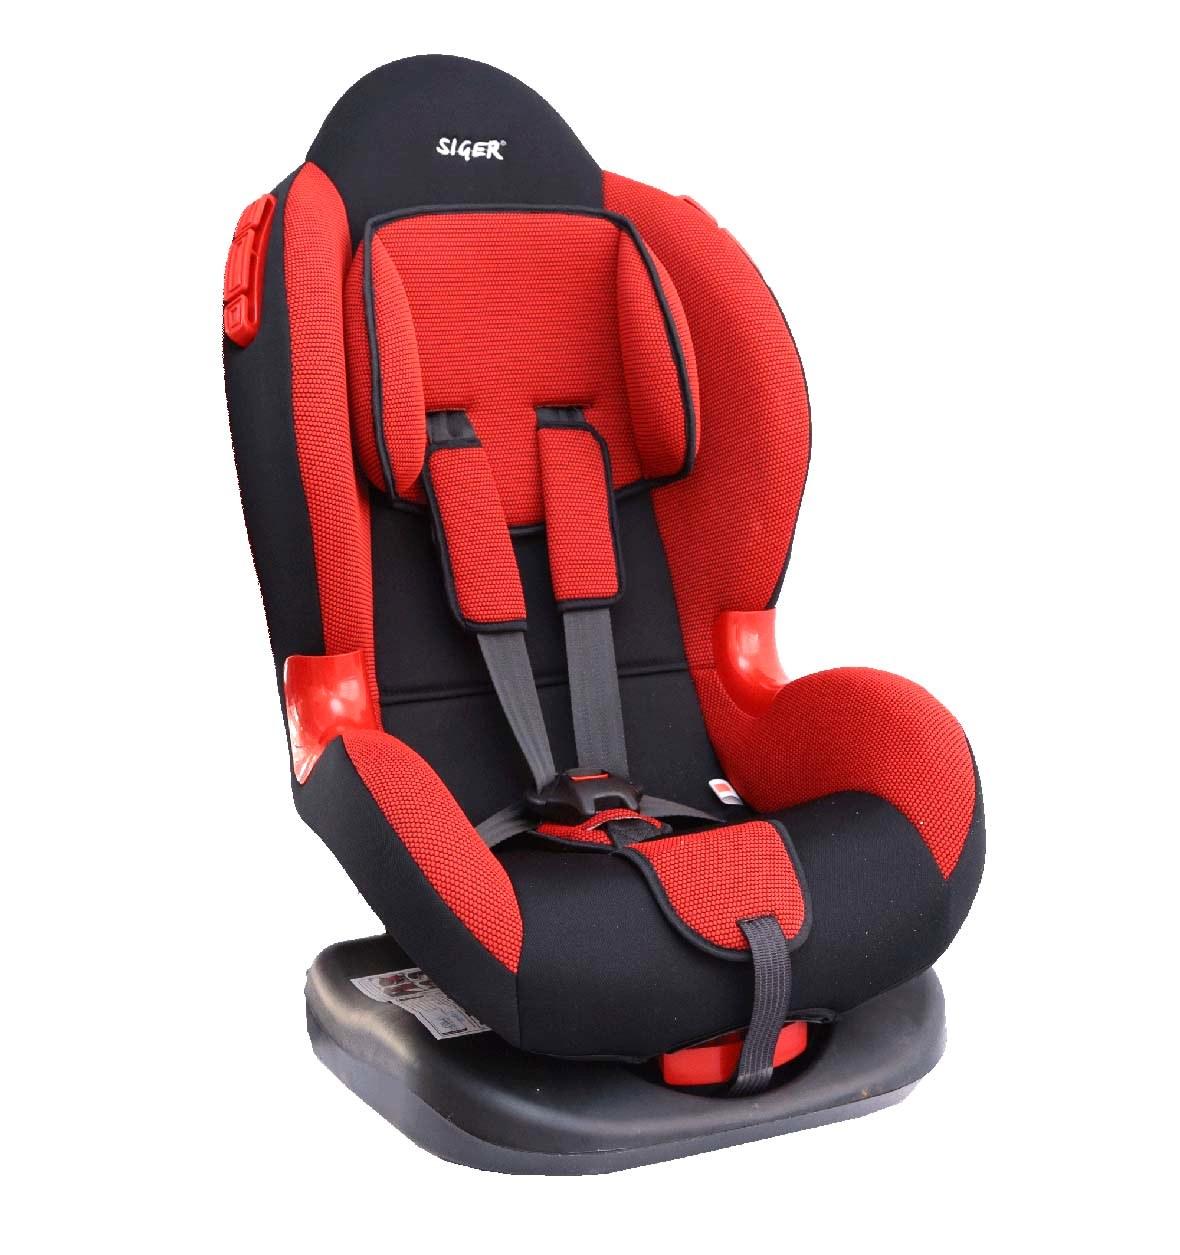 Купить Детское автомобильное кресло Siger КОКОН КРЕС0111